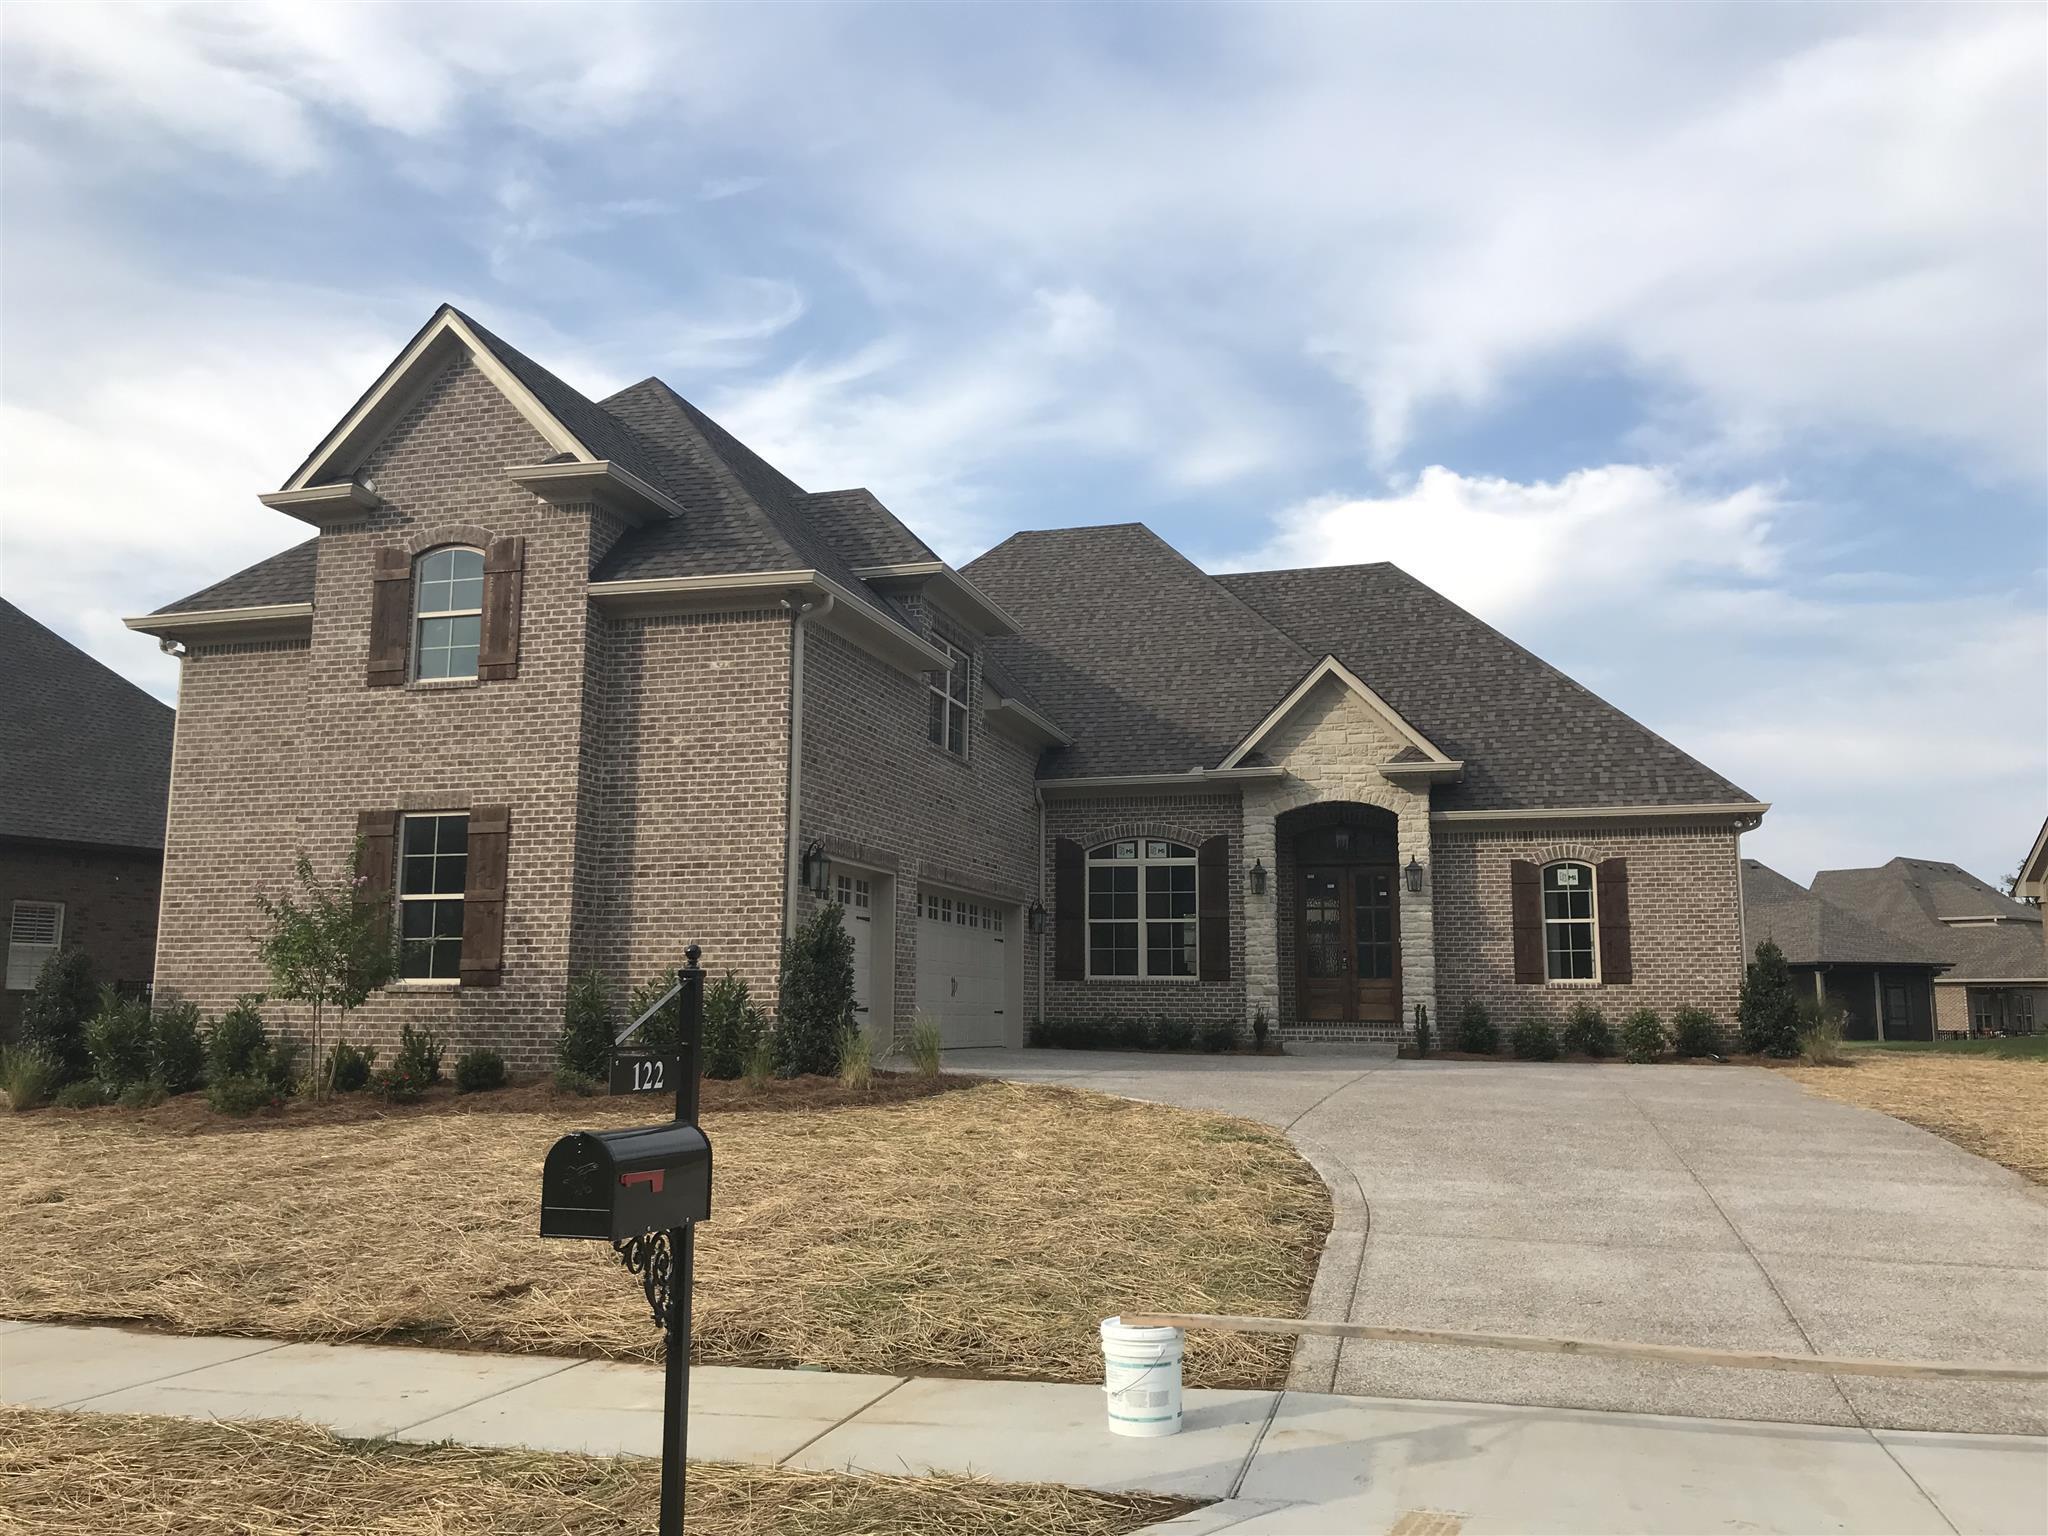 122 Thornwood Pl, Hendersonville, TN 37075 - Hendersonville, TN real estate listing